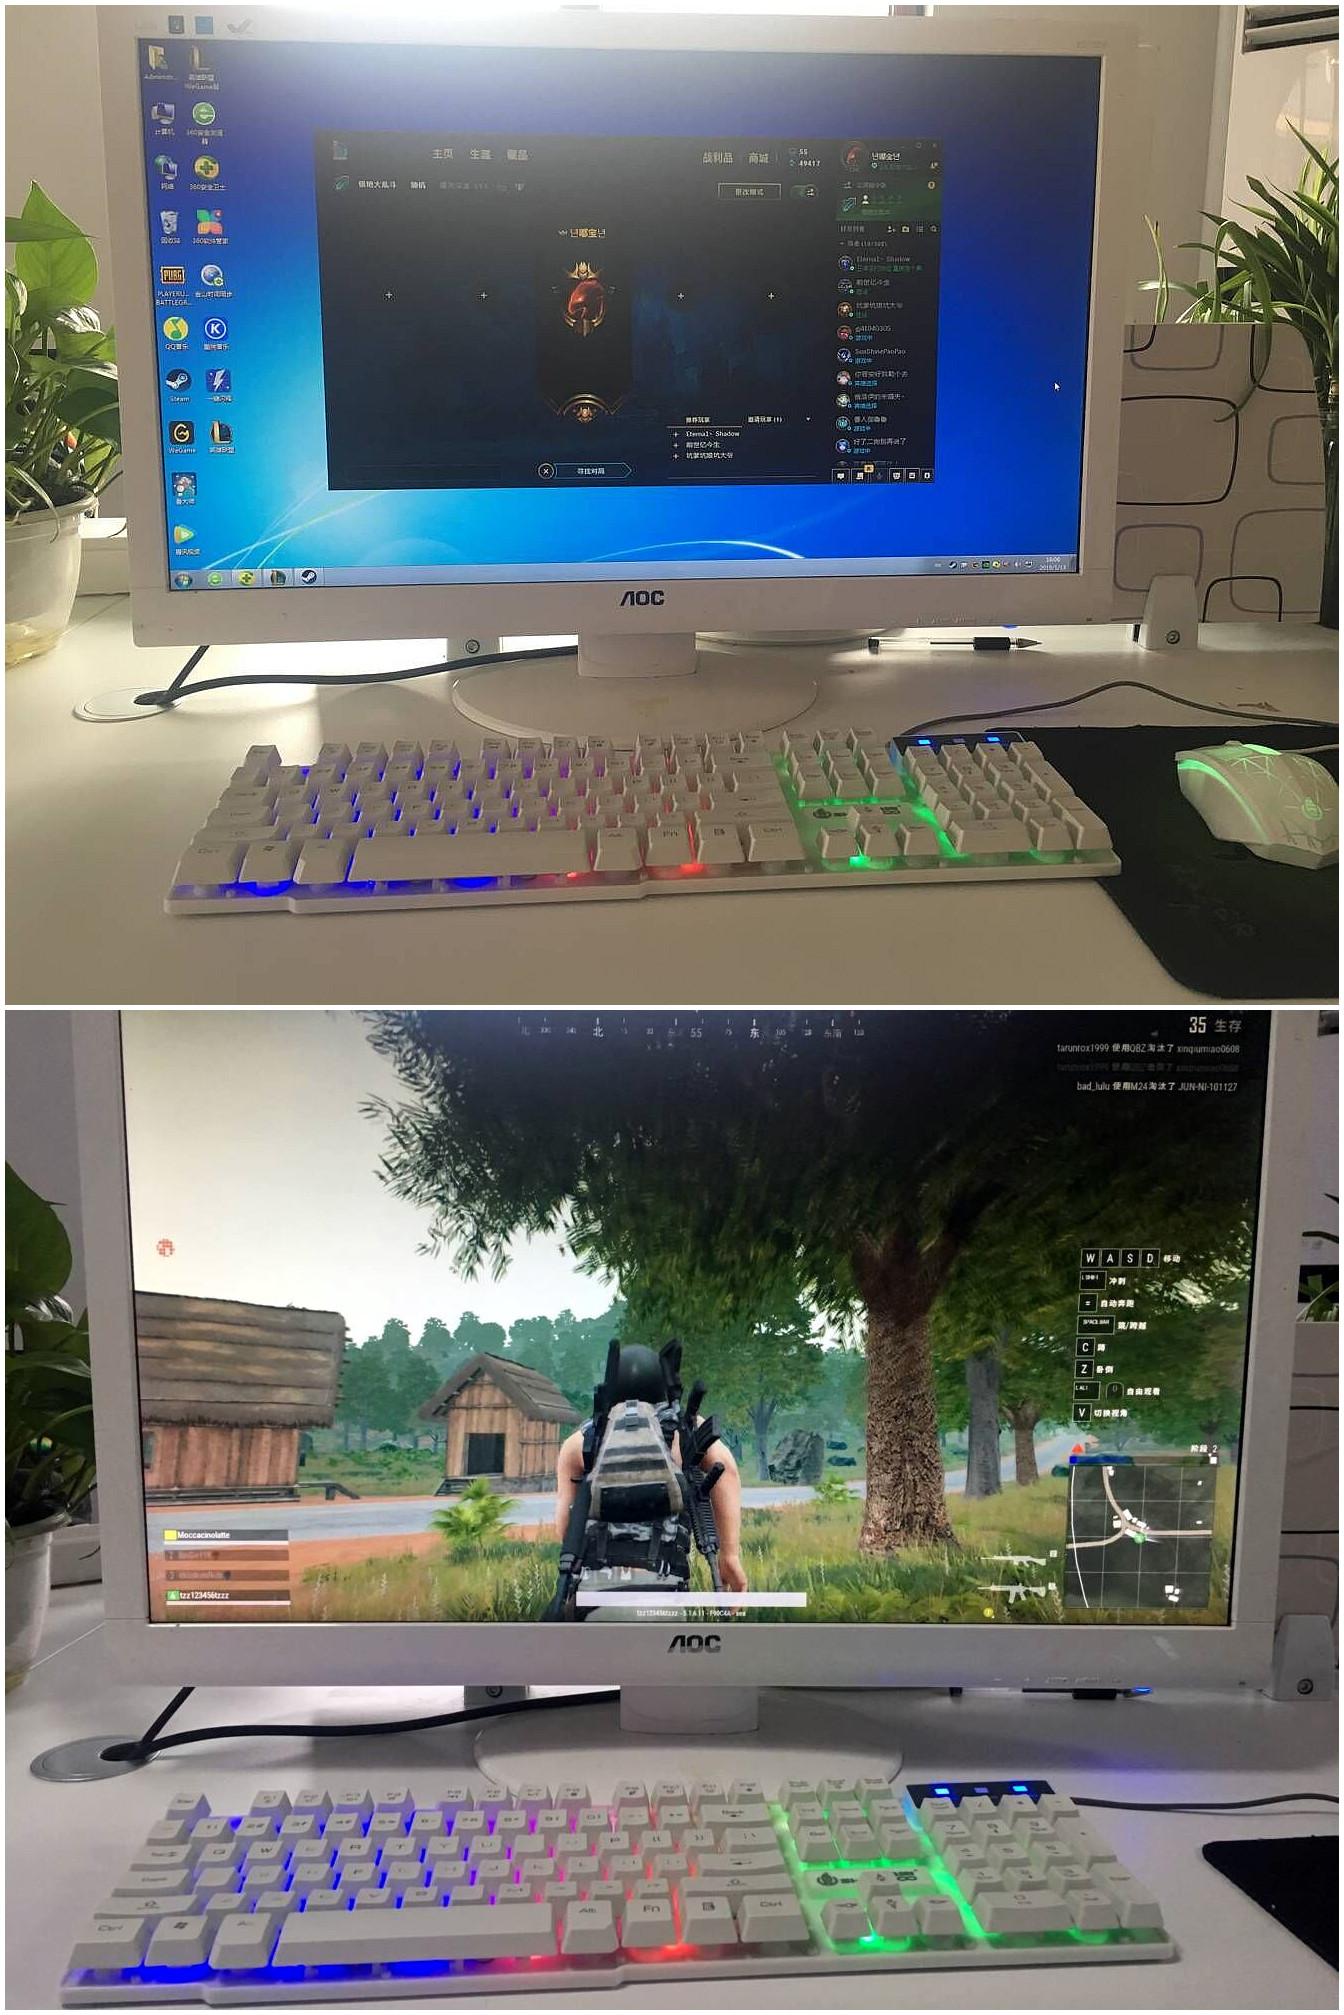 第五代i7独显配置,3000元游戏电脑配置全方面测评